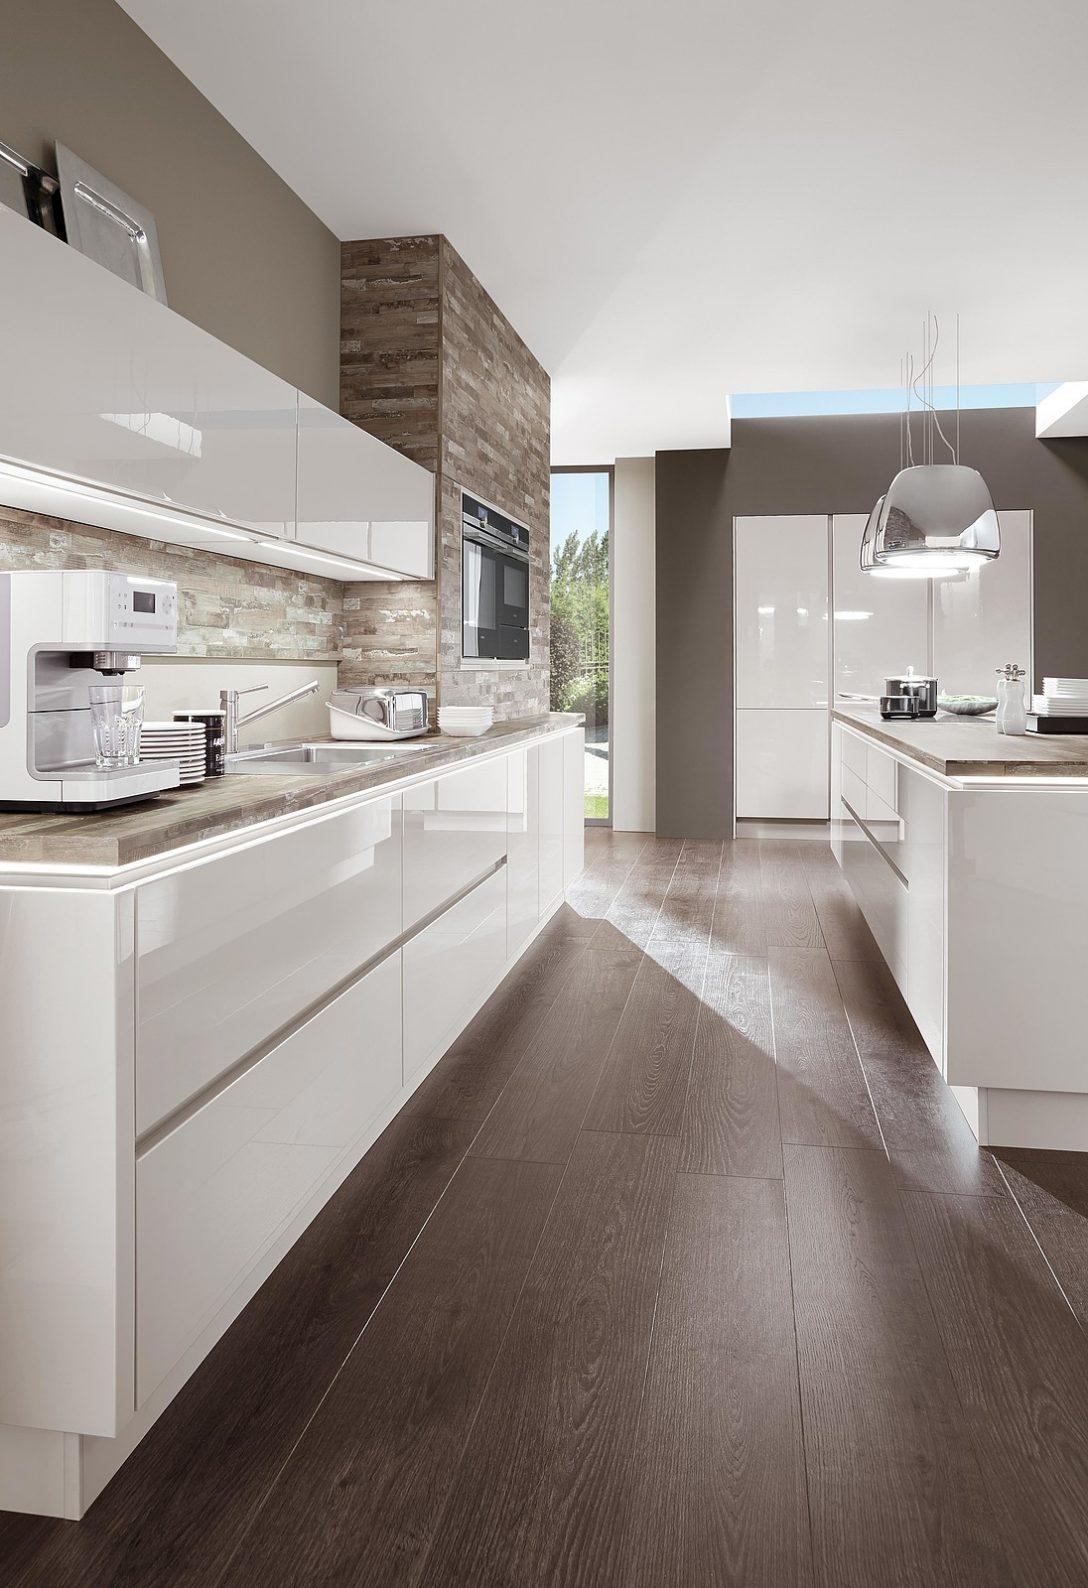 Large Size of Sockelblende Küche Preis Küche Sockelblende Anbringen Sockelblende Küche Lösen Küche Blende Oben Küche Küche Blende